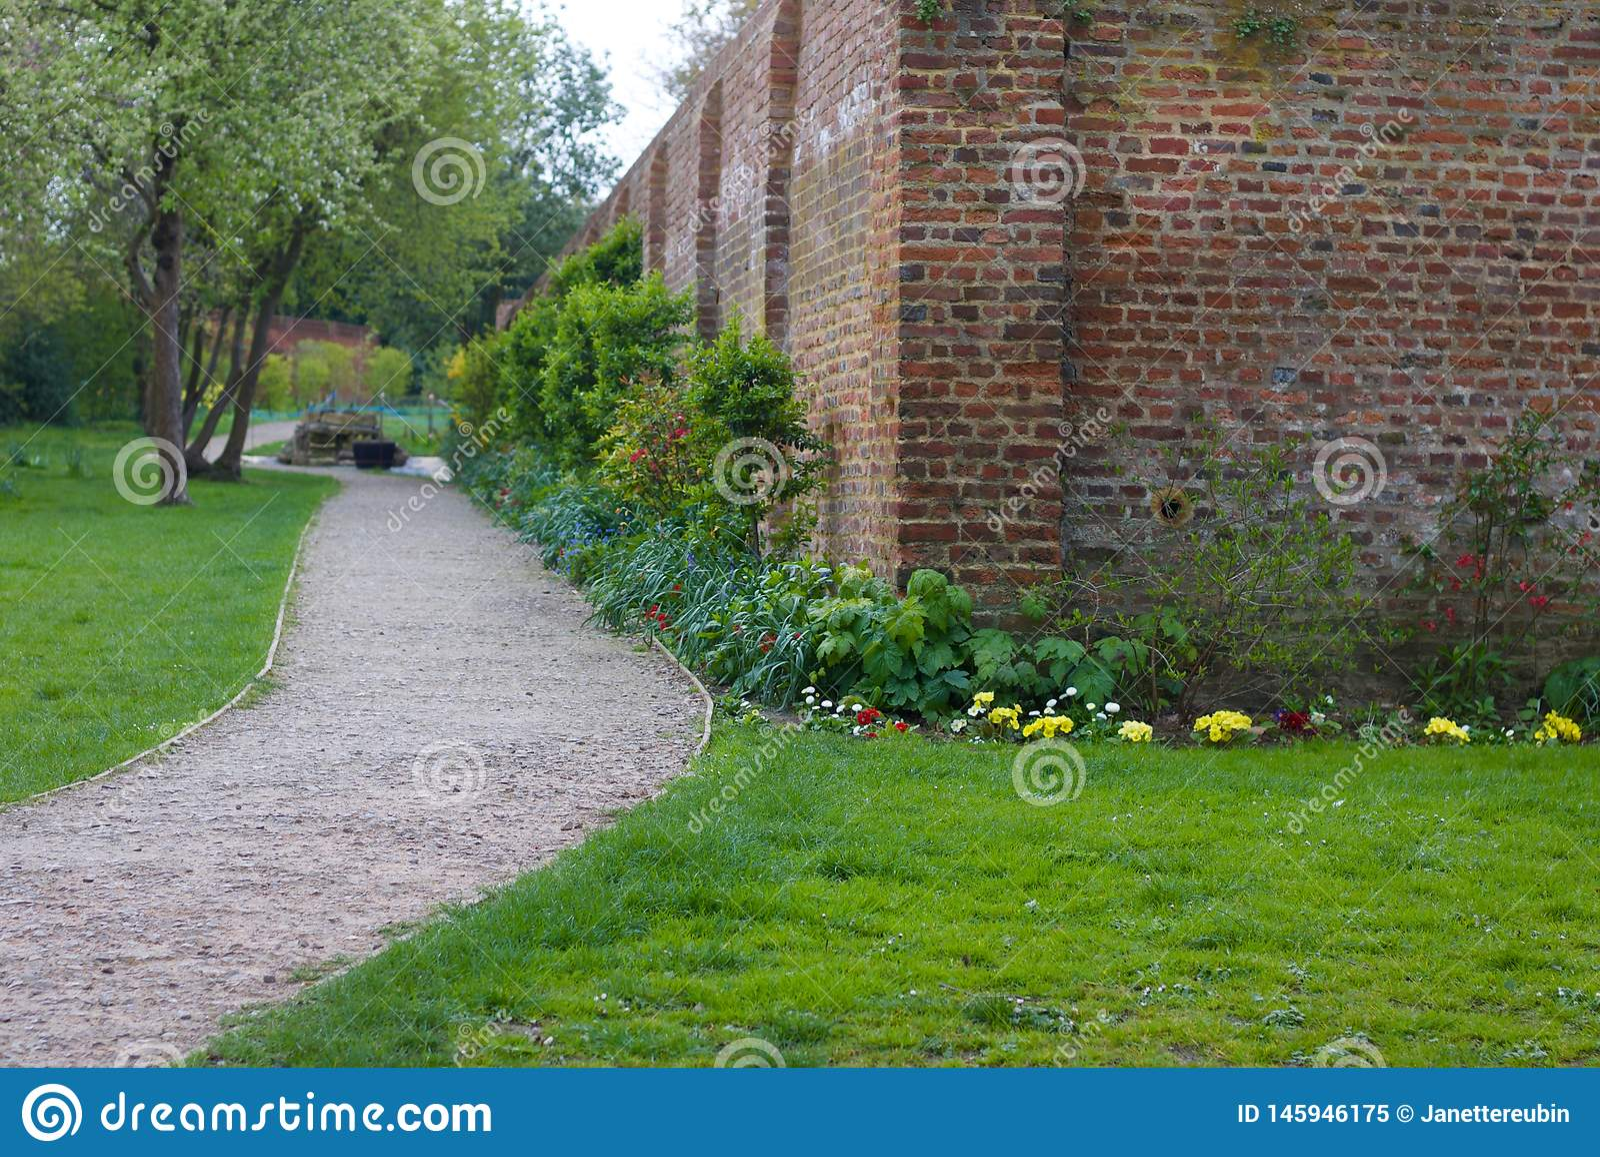 Tuinscène die weg met hoek van bakstenen muur en gronddekkingsinstallaties tonen